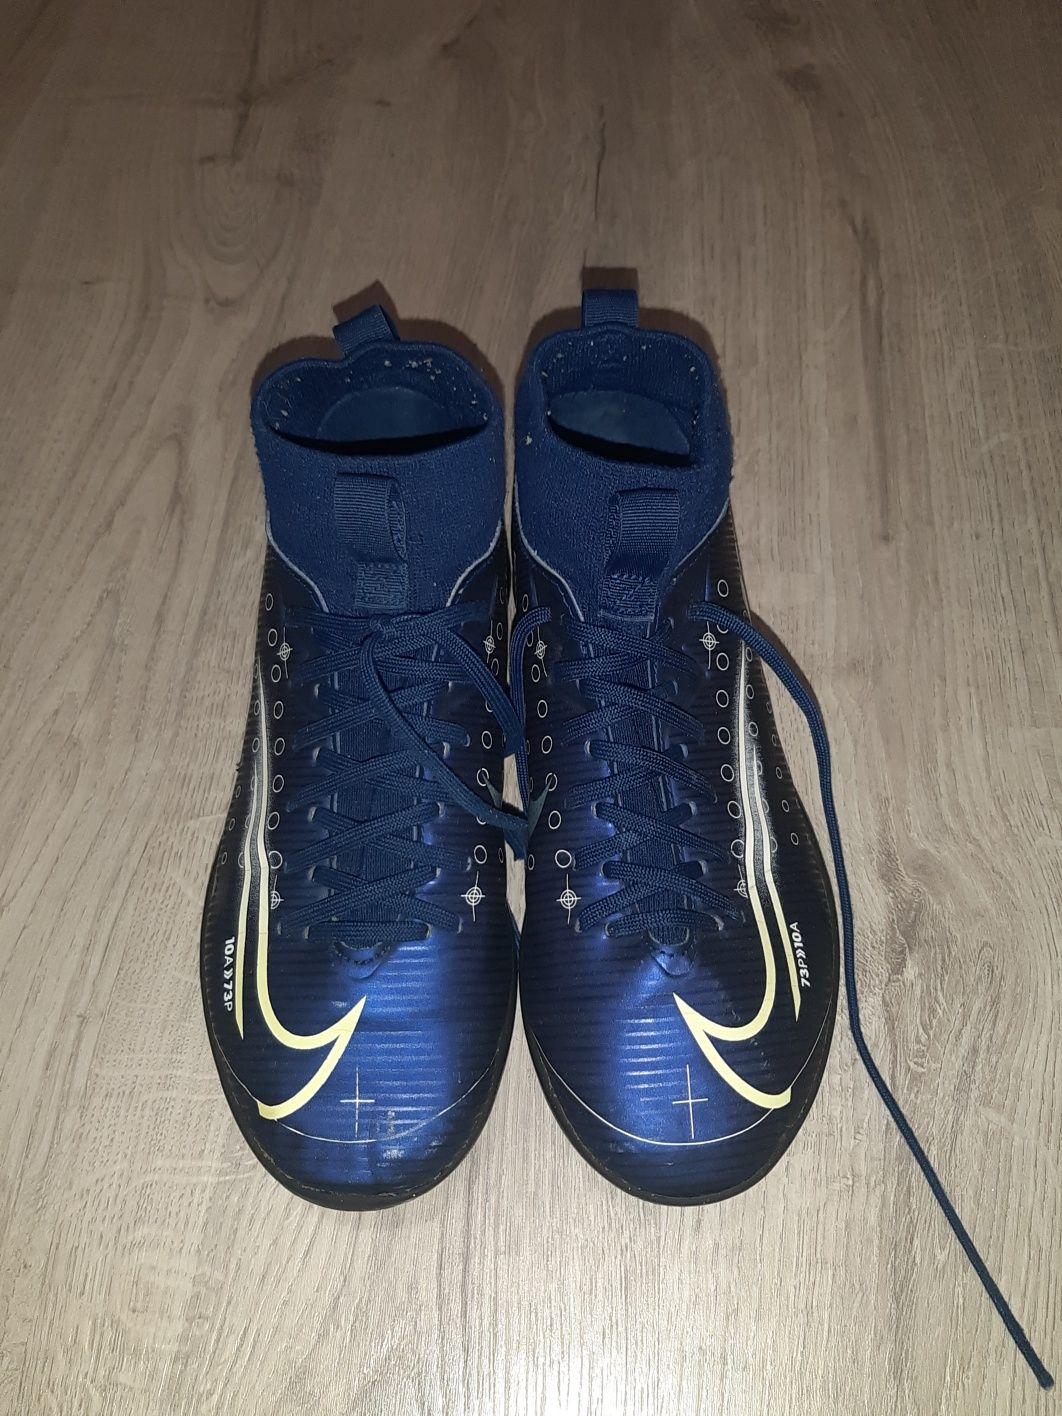 Кросівки для футболу. Футкори.